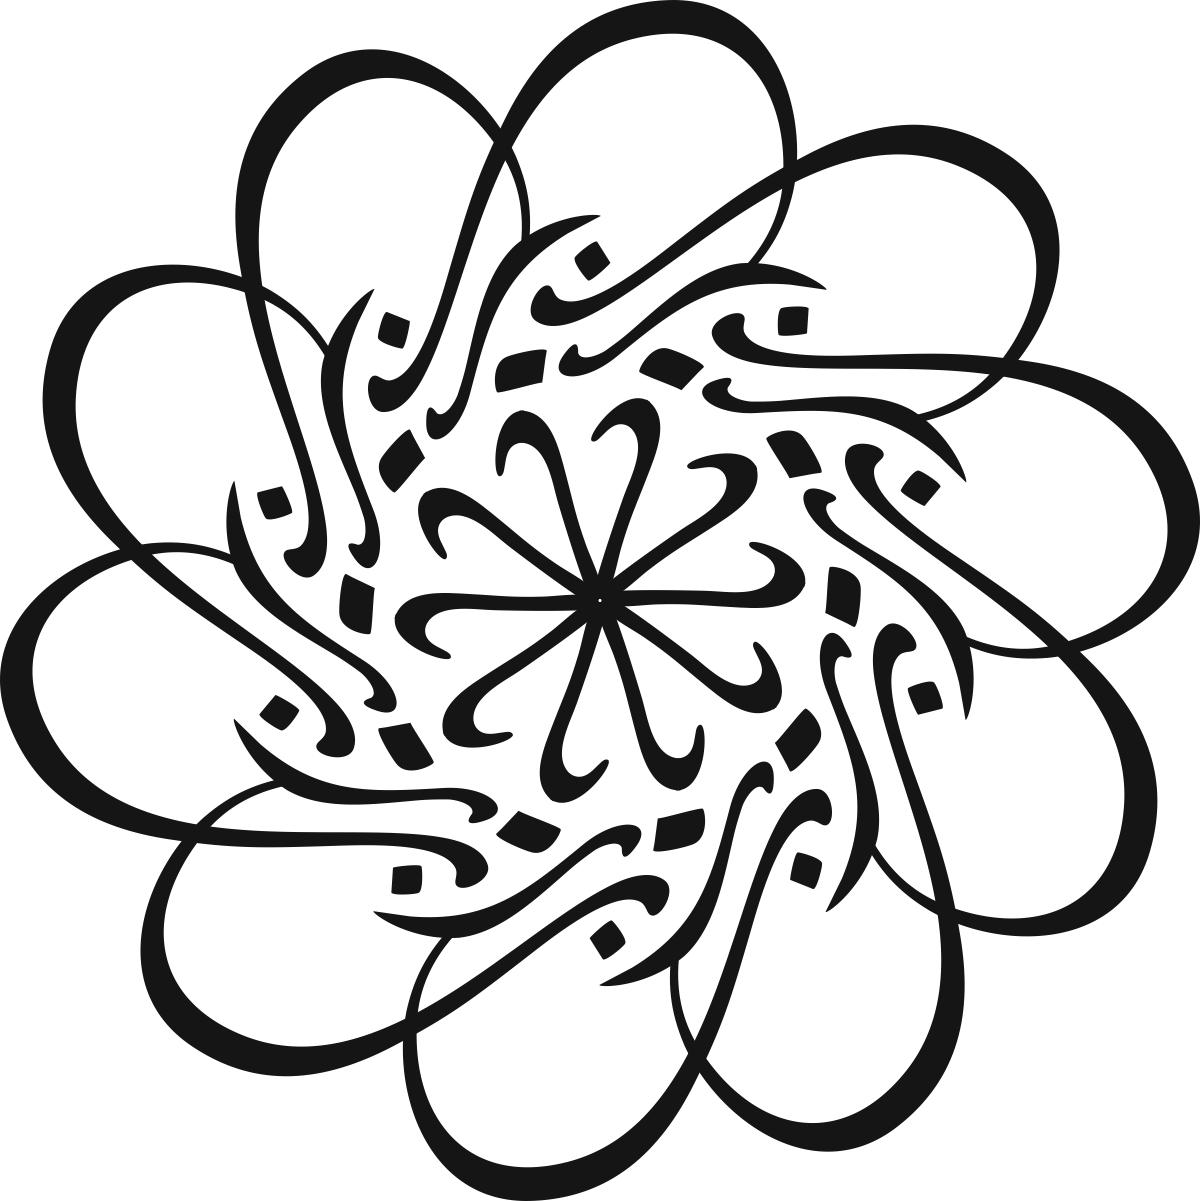 Arabic Calligraphy: Ya Rabb written in Khat-e-Diwani (يا ...